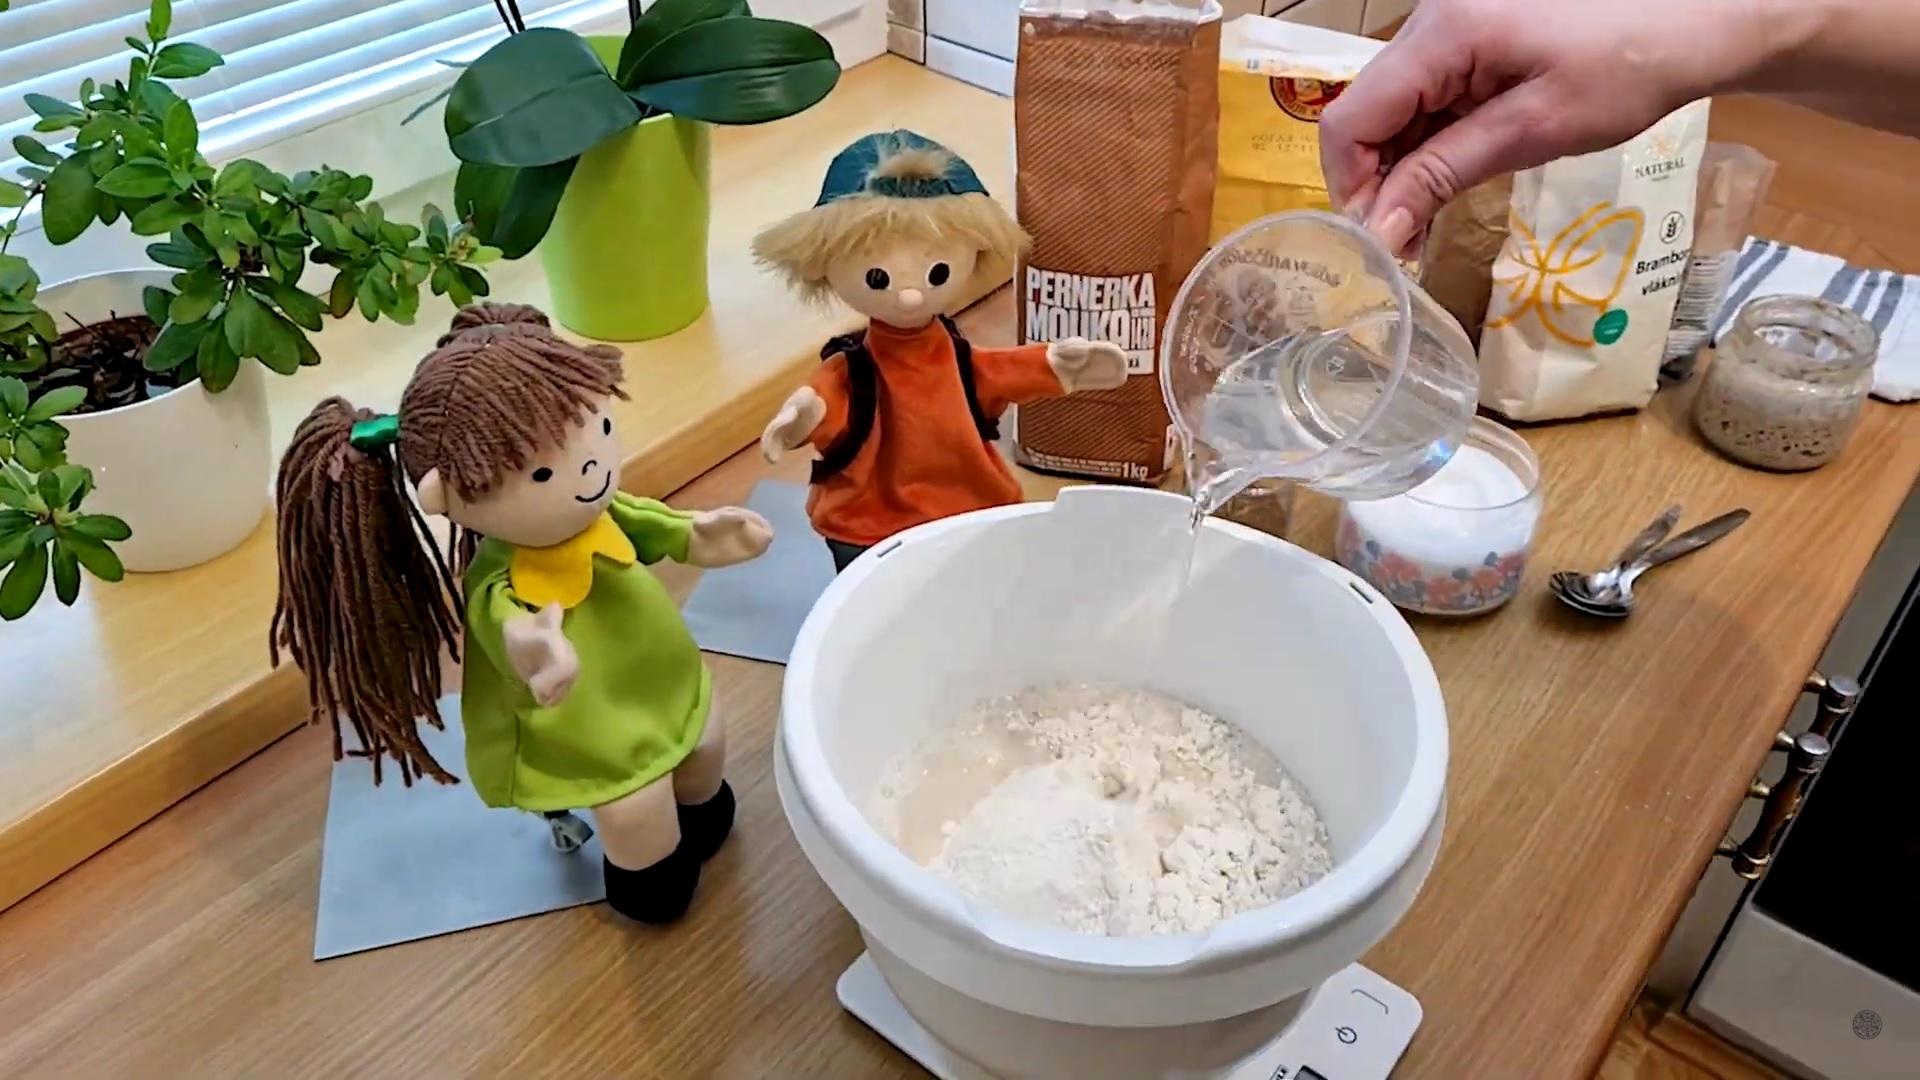 V kuchyni s Petrou a Vítkem